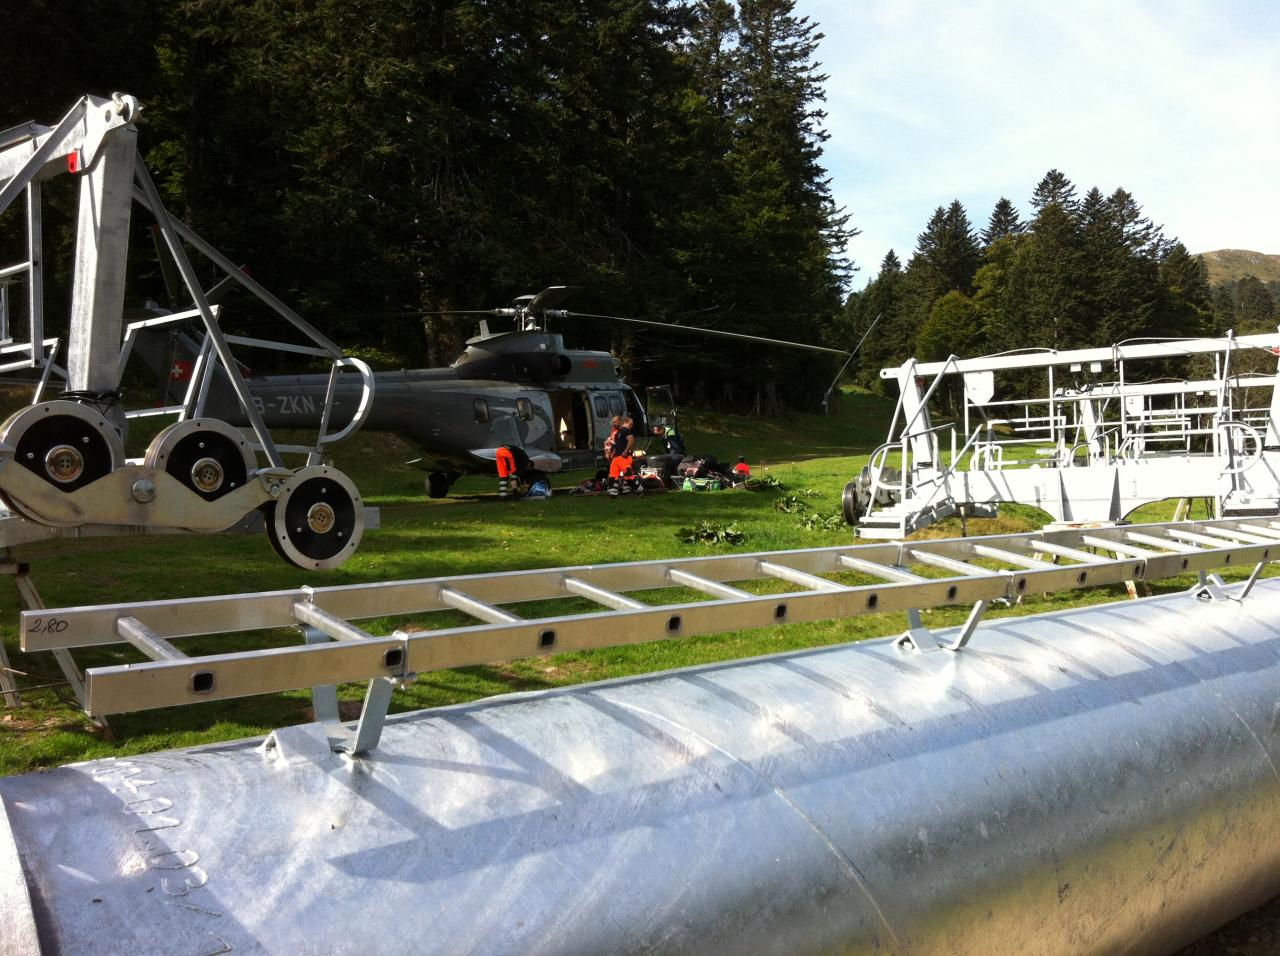 l'hélicoptère se prépare